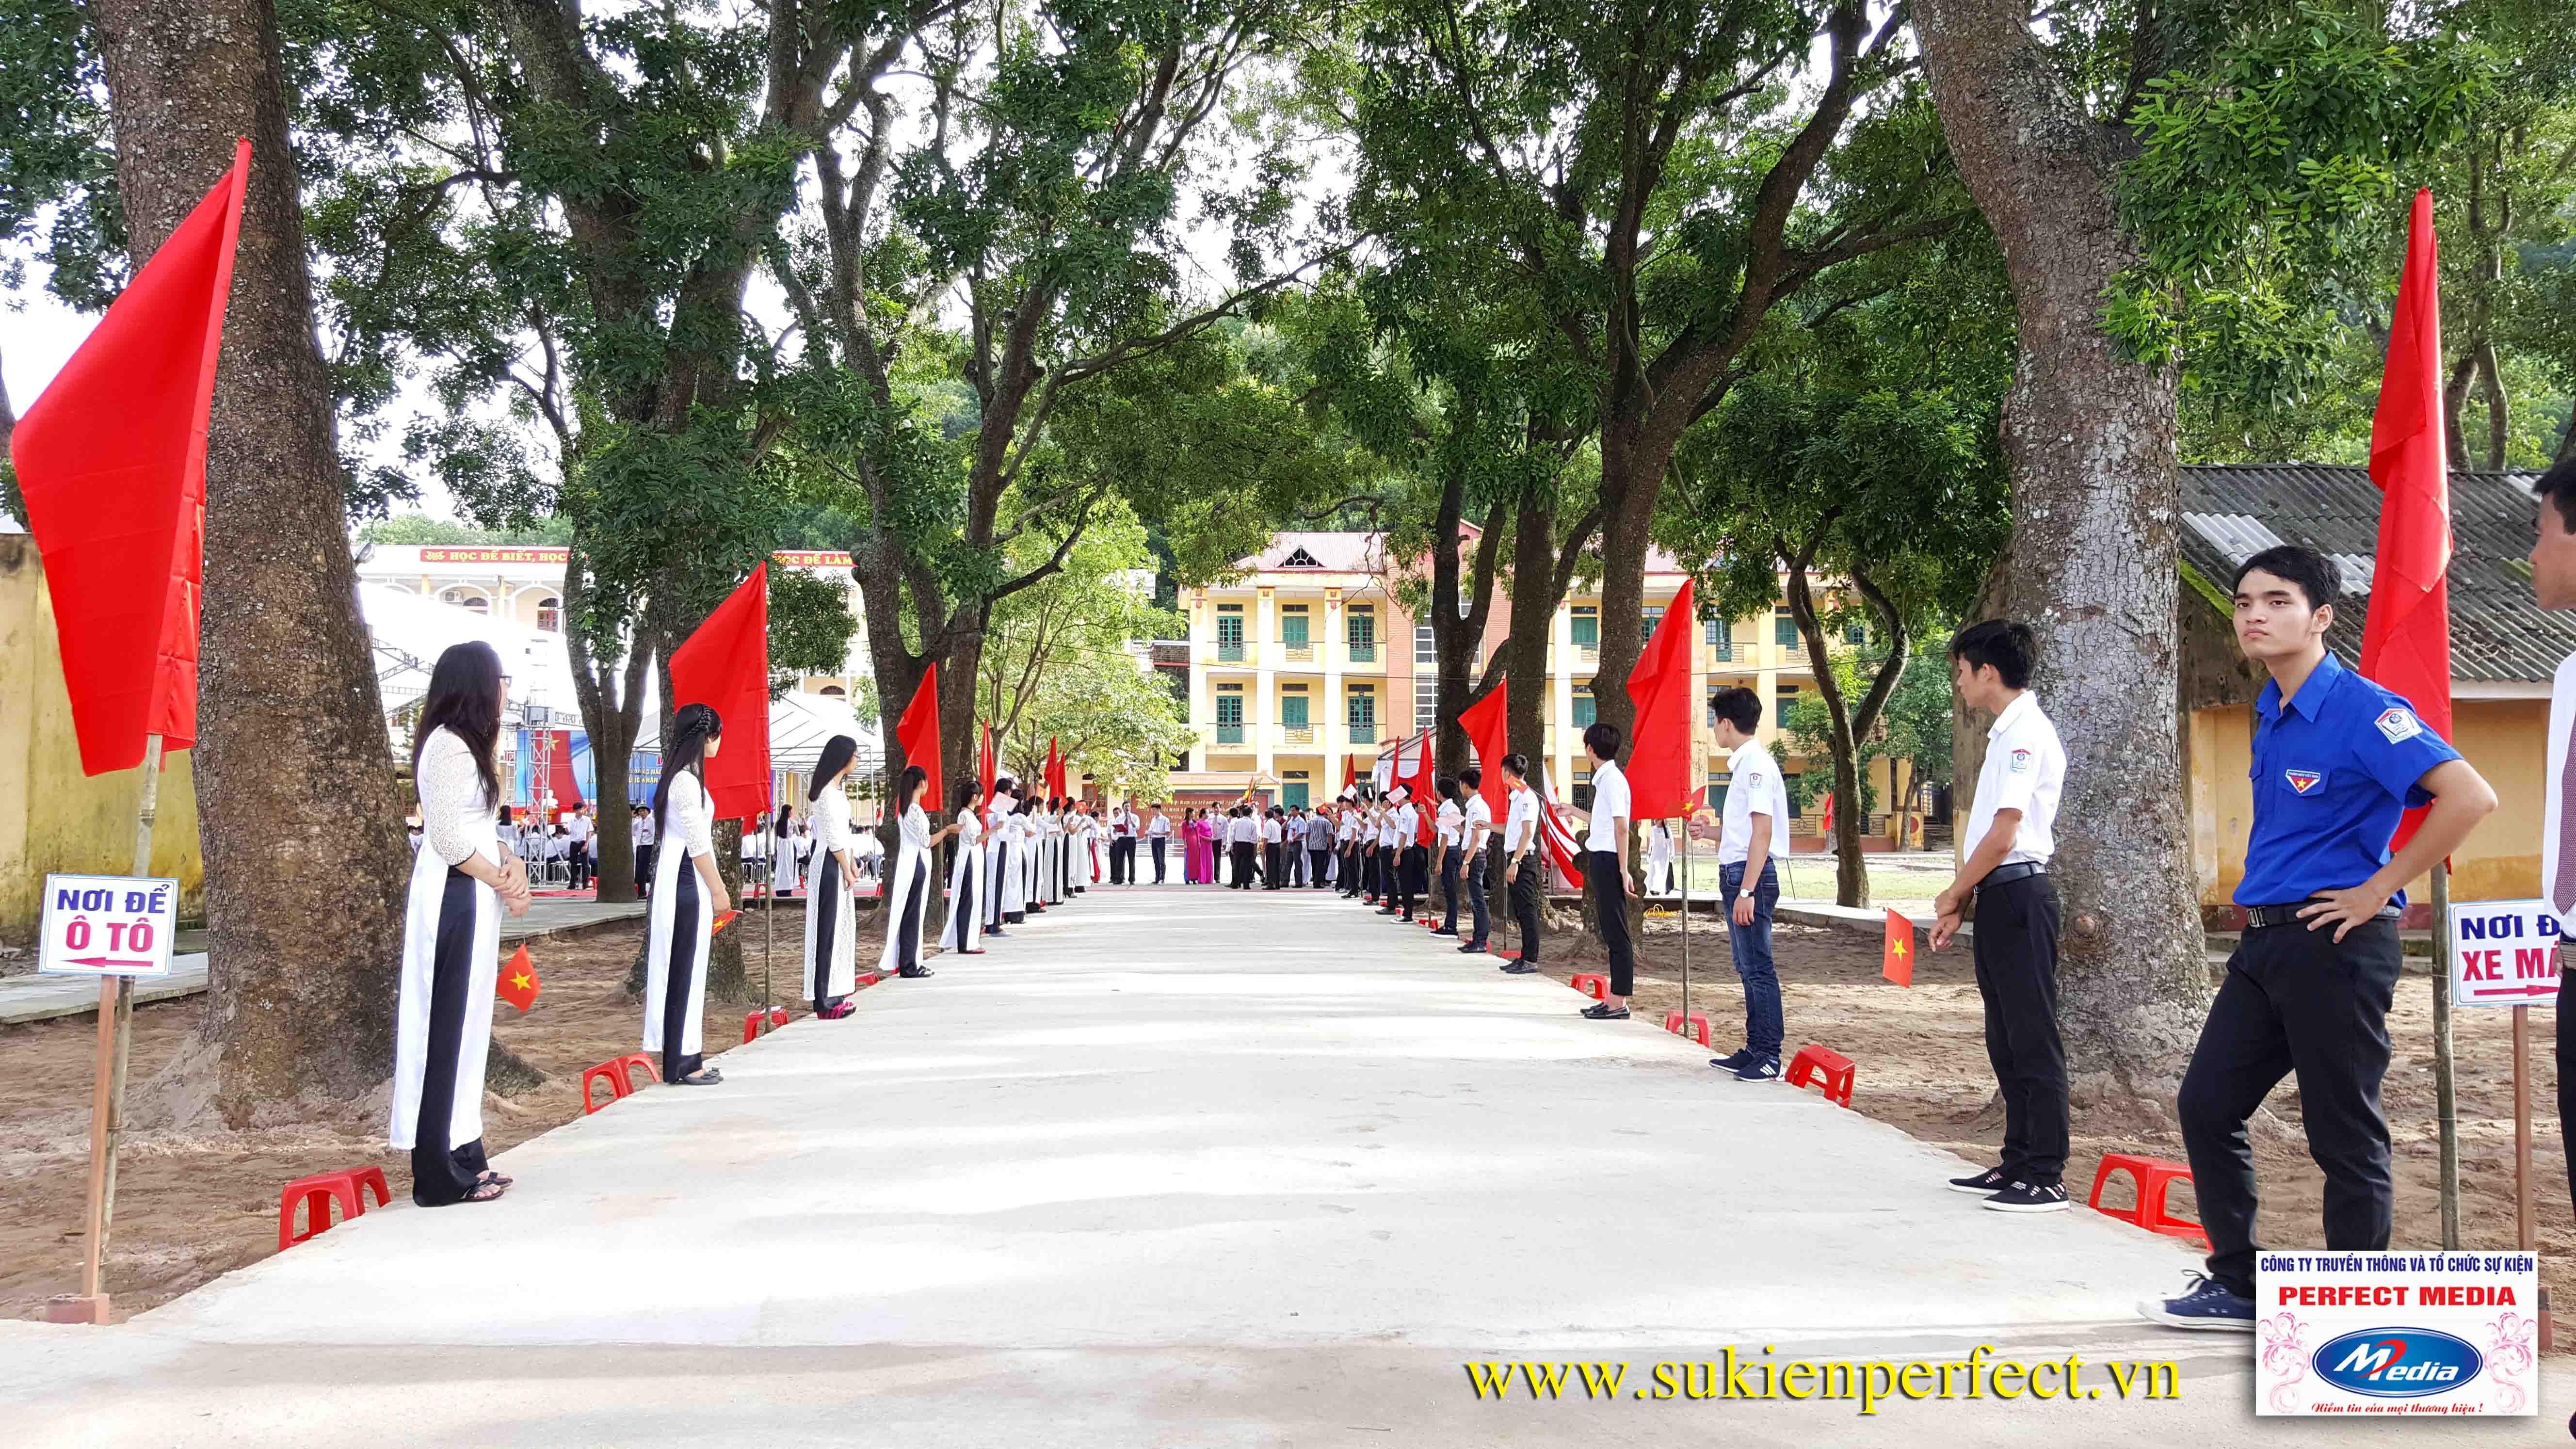 Hình ảnh trong buổi lễ THPT Phúc Thành đón chuẩn Quốc gia 04